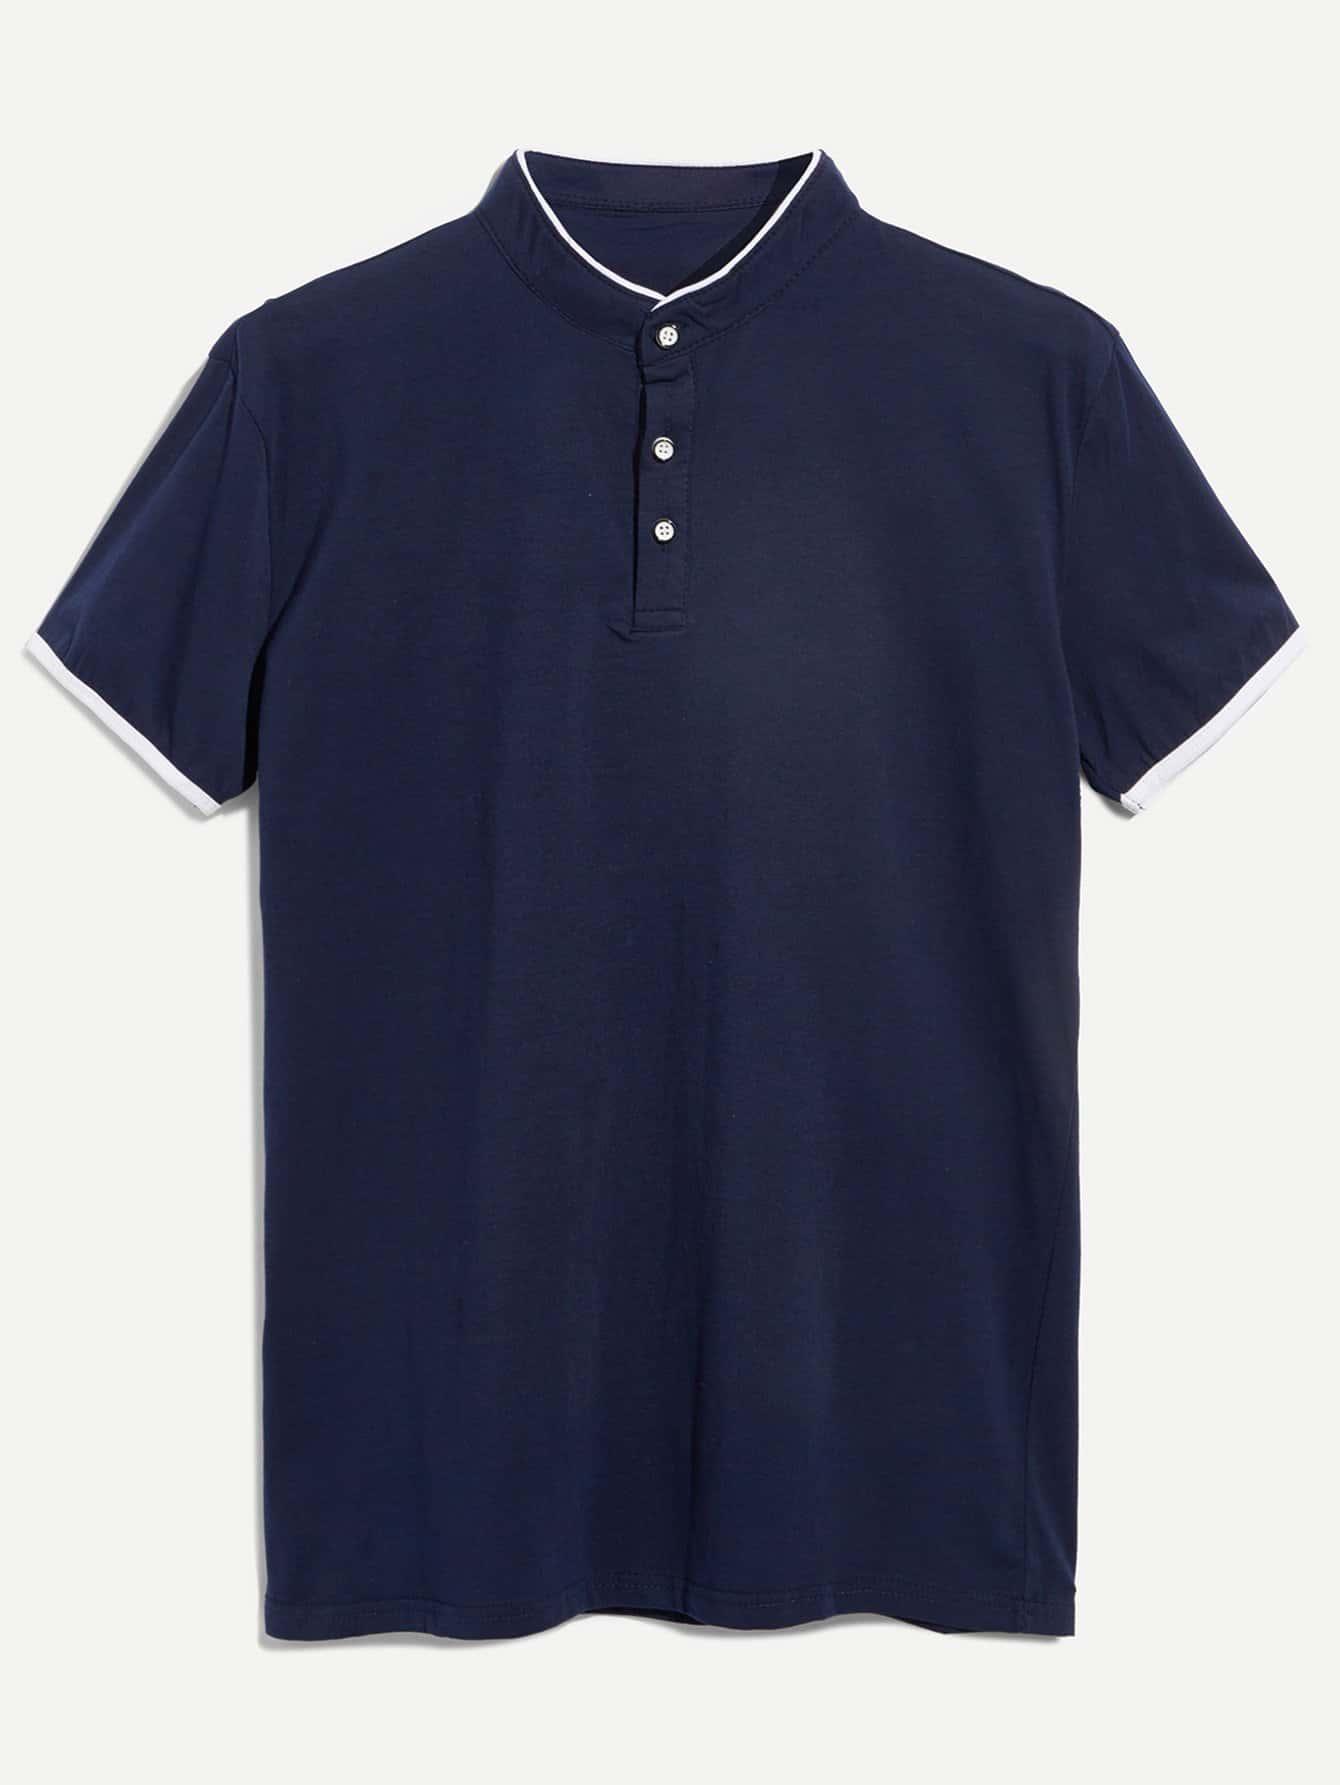 Мужская футболка Рингер Поло